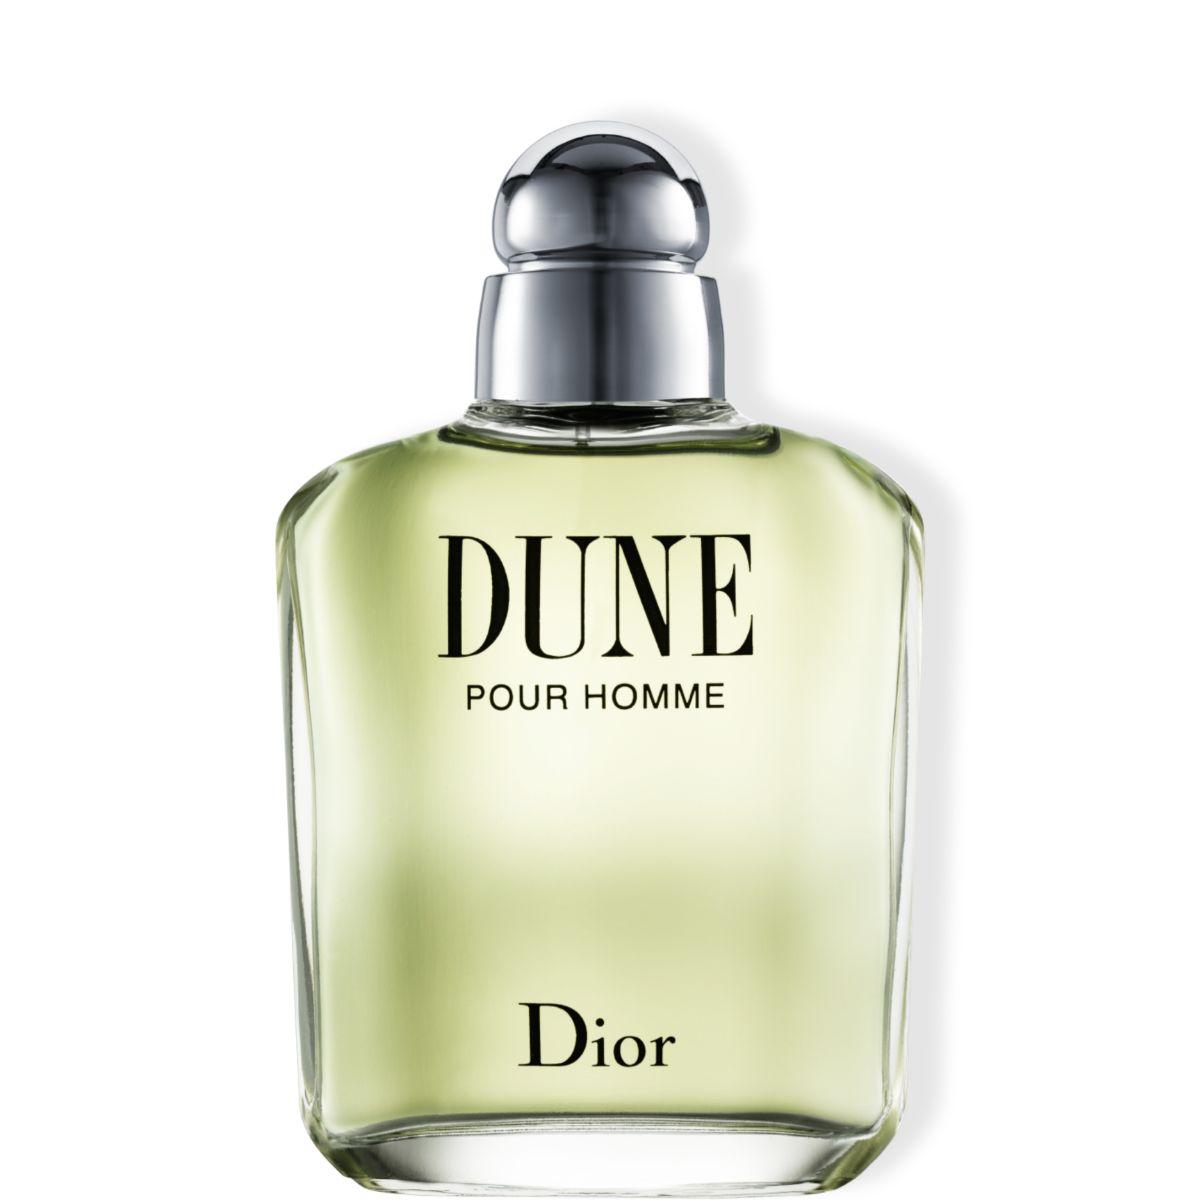 Eau de Toilette Dune pour Homme - DIOR